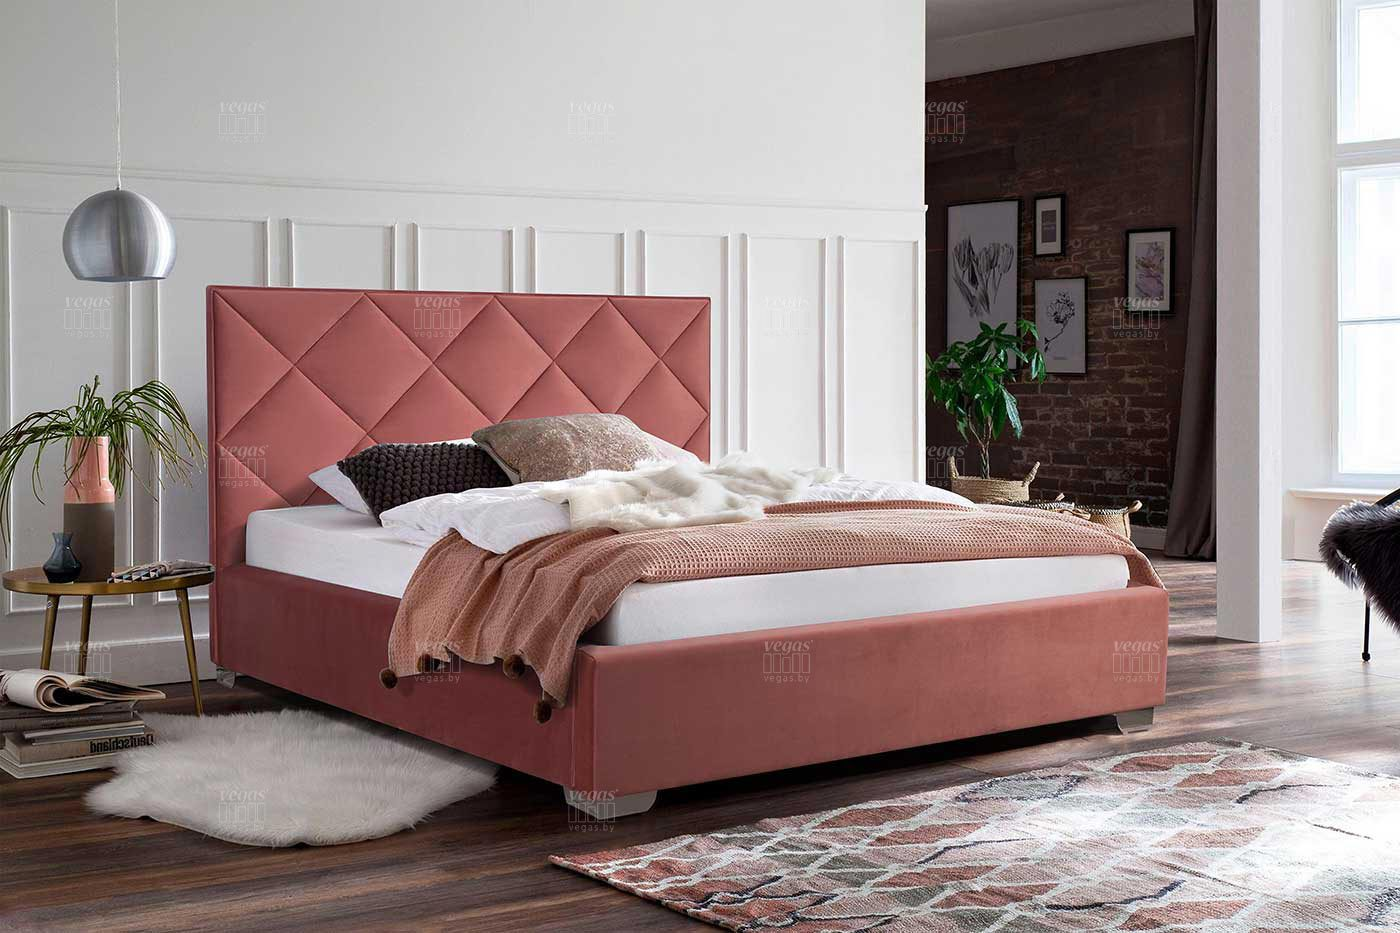 кровати с мягкой спинкой фото сколько людей